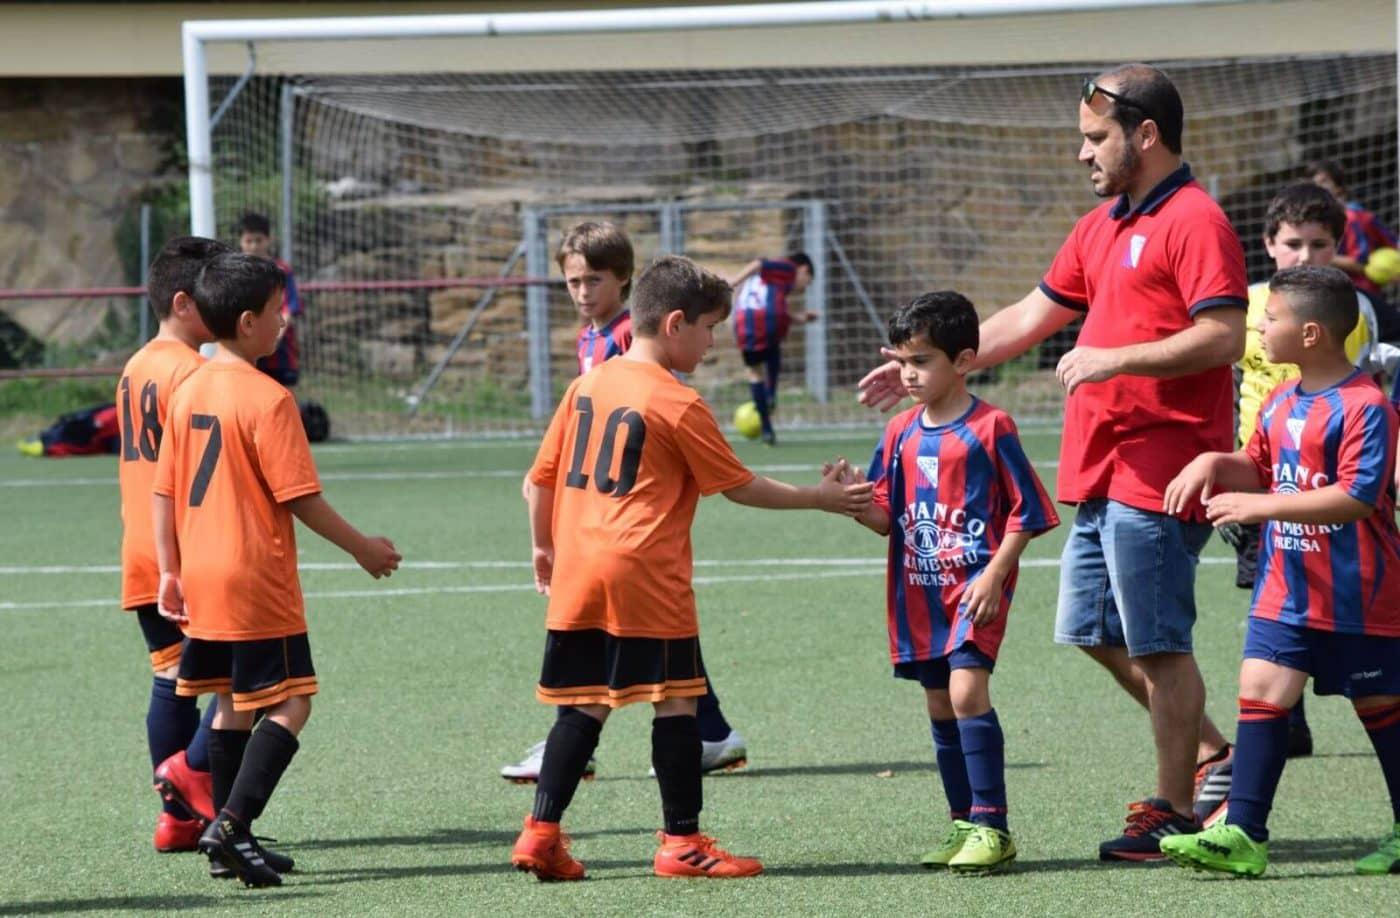 El balón echa a andar en el Torneo Naranja del Jarrero FC 16